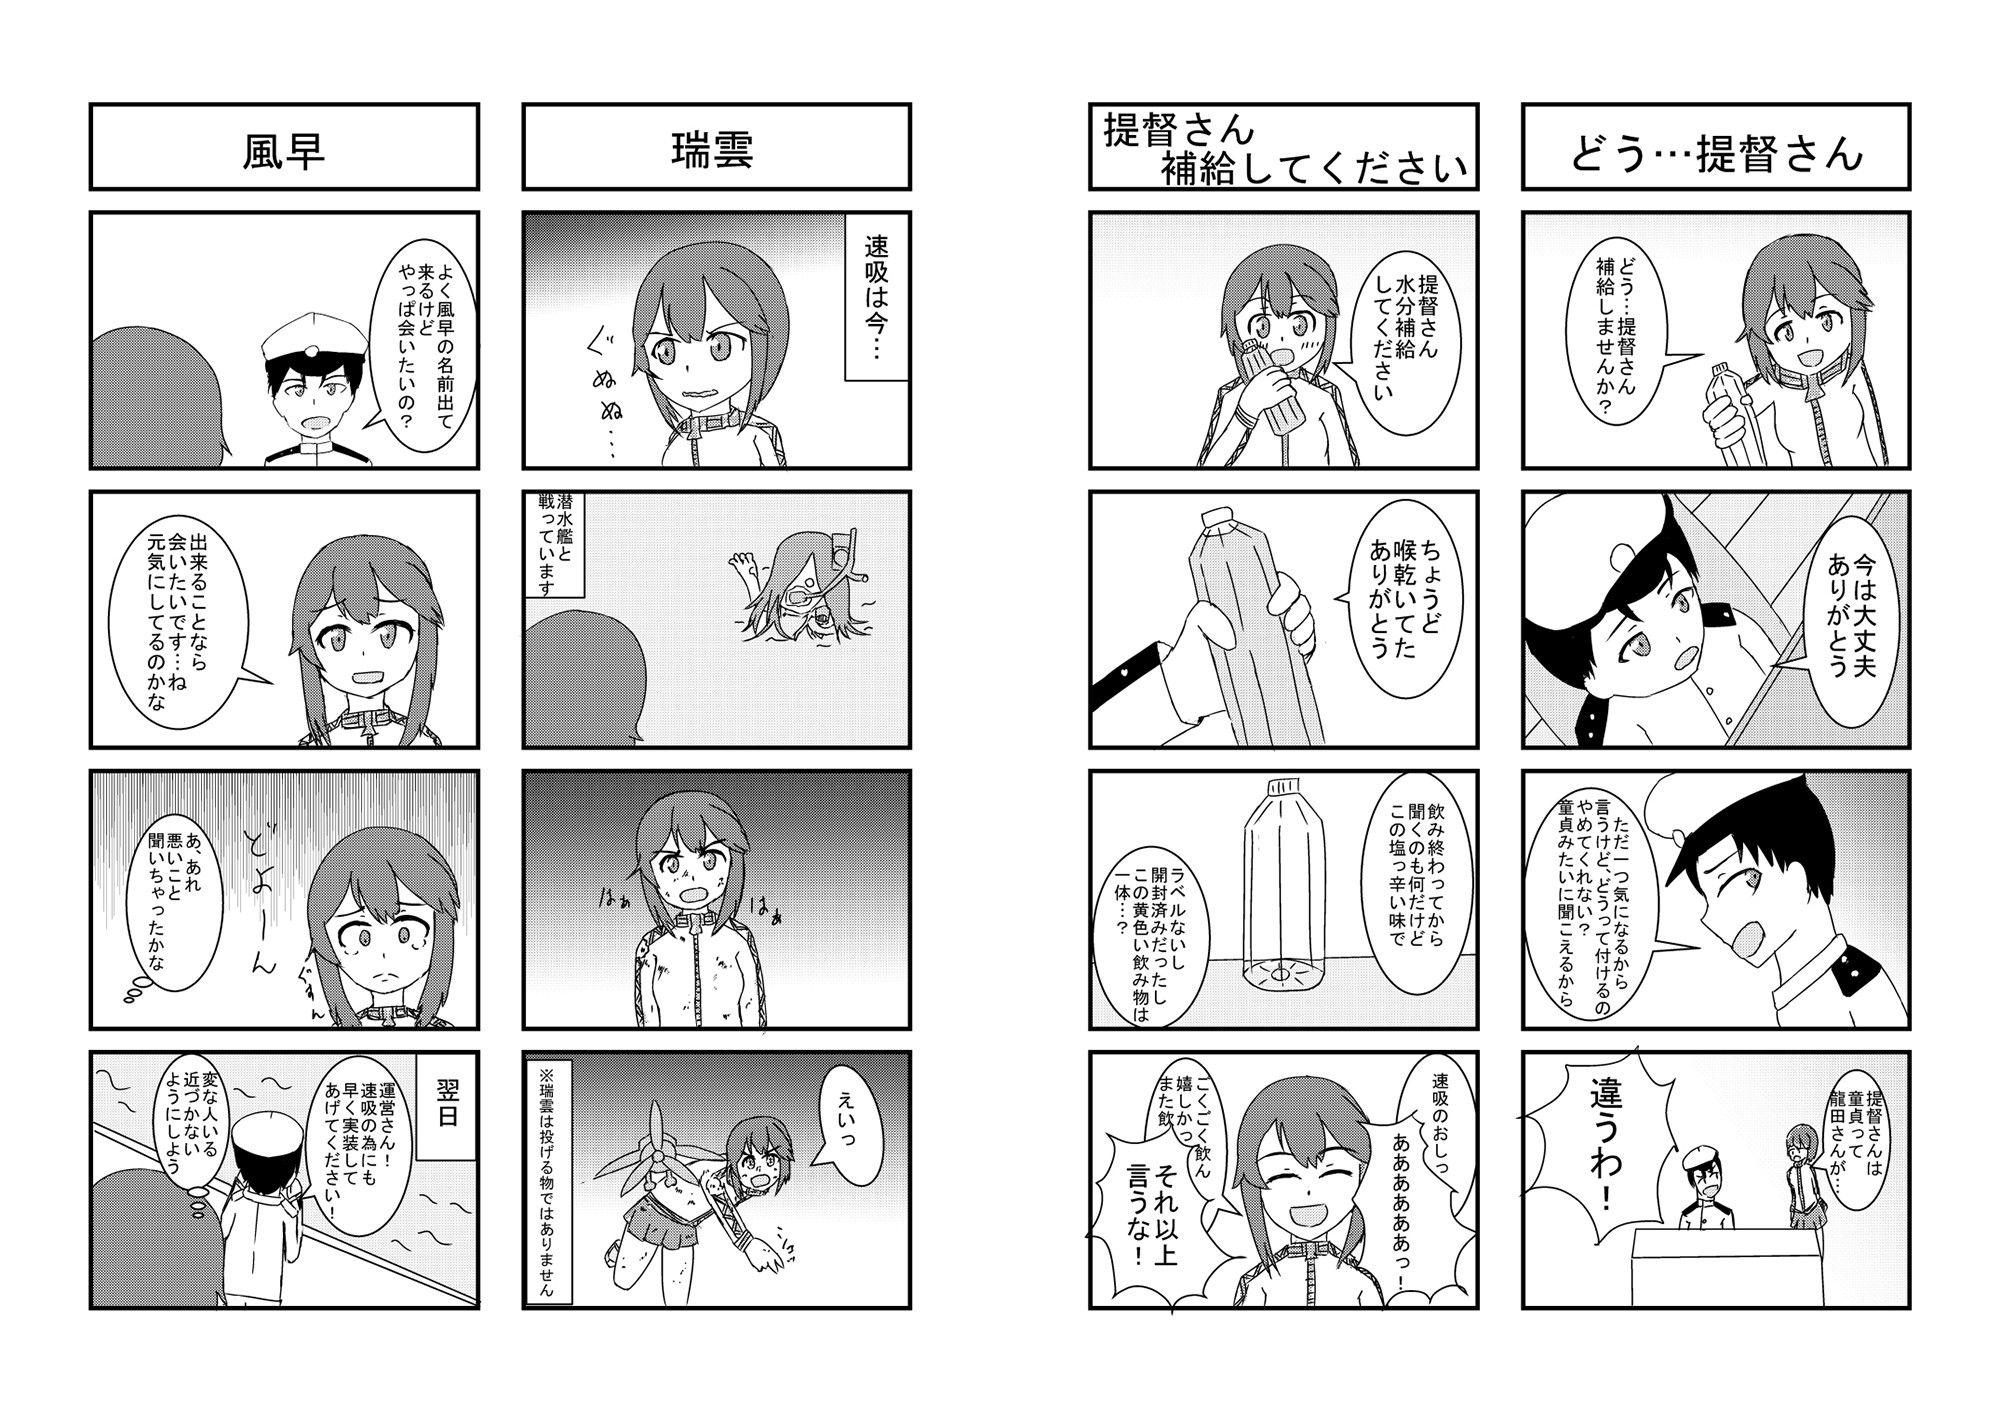 同人ガール:[同人]「がんばれ!速吸ちゃん」(紅鮭ソーラン)